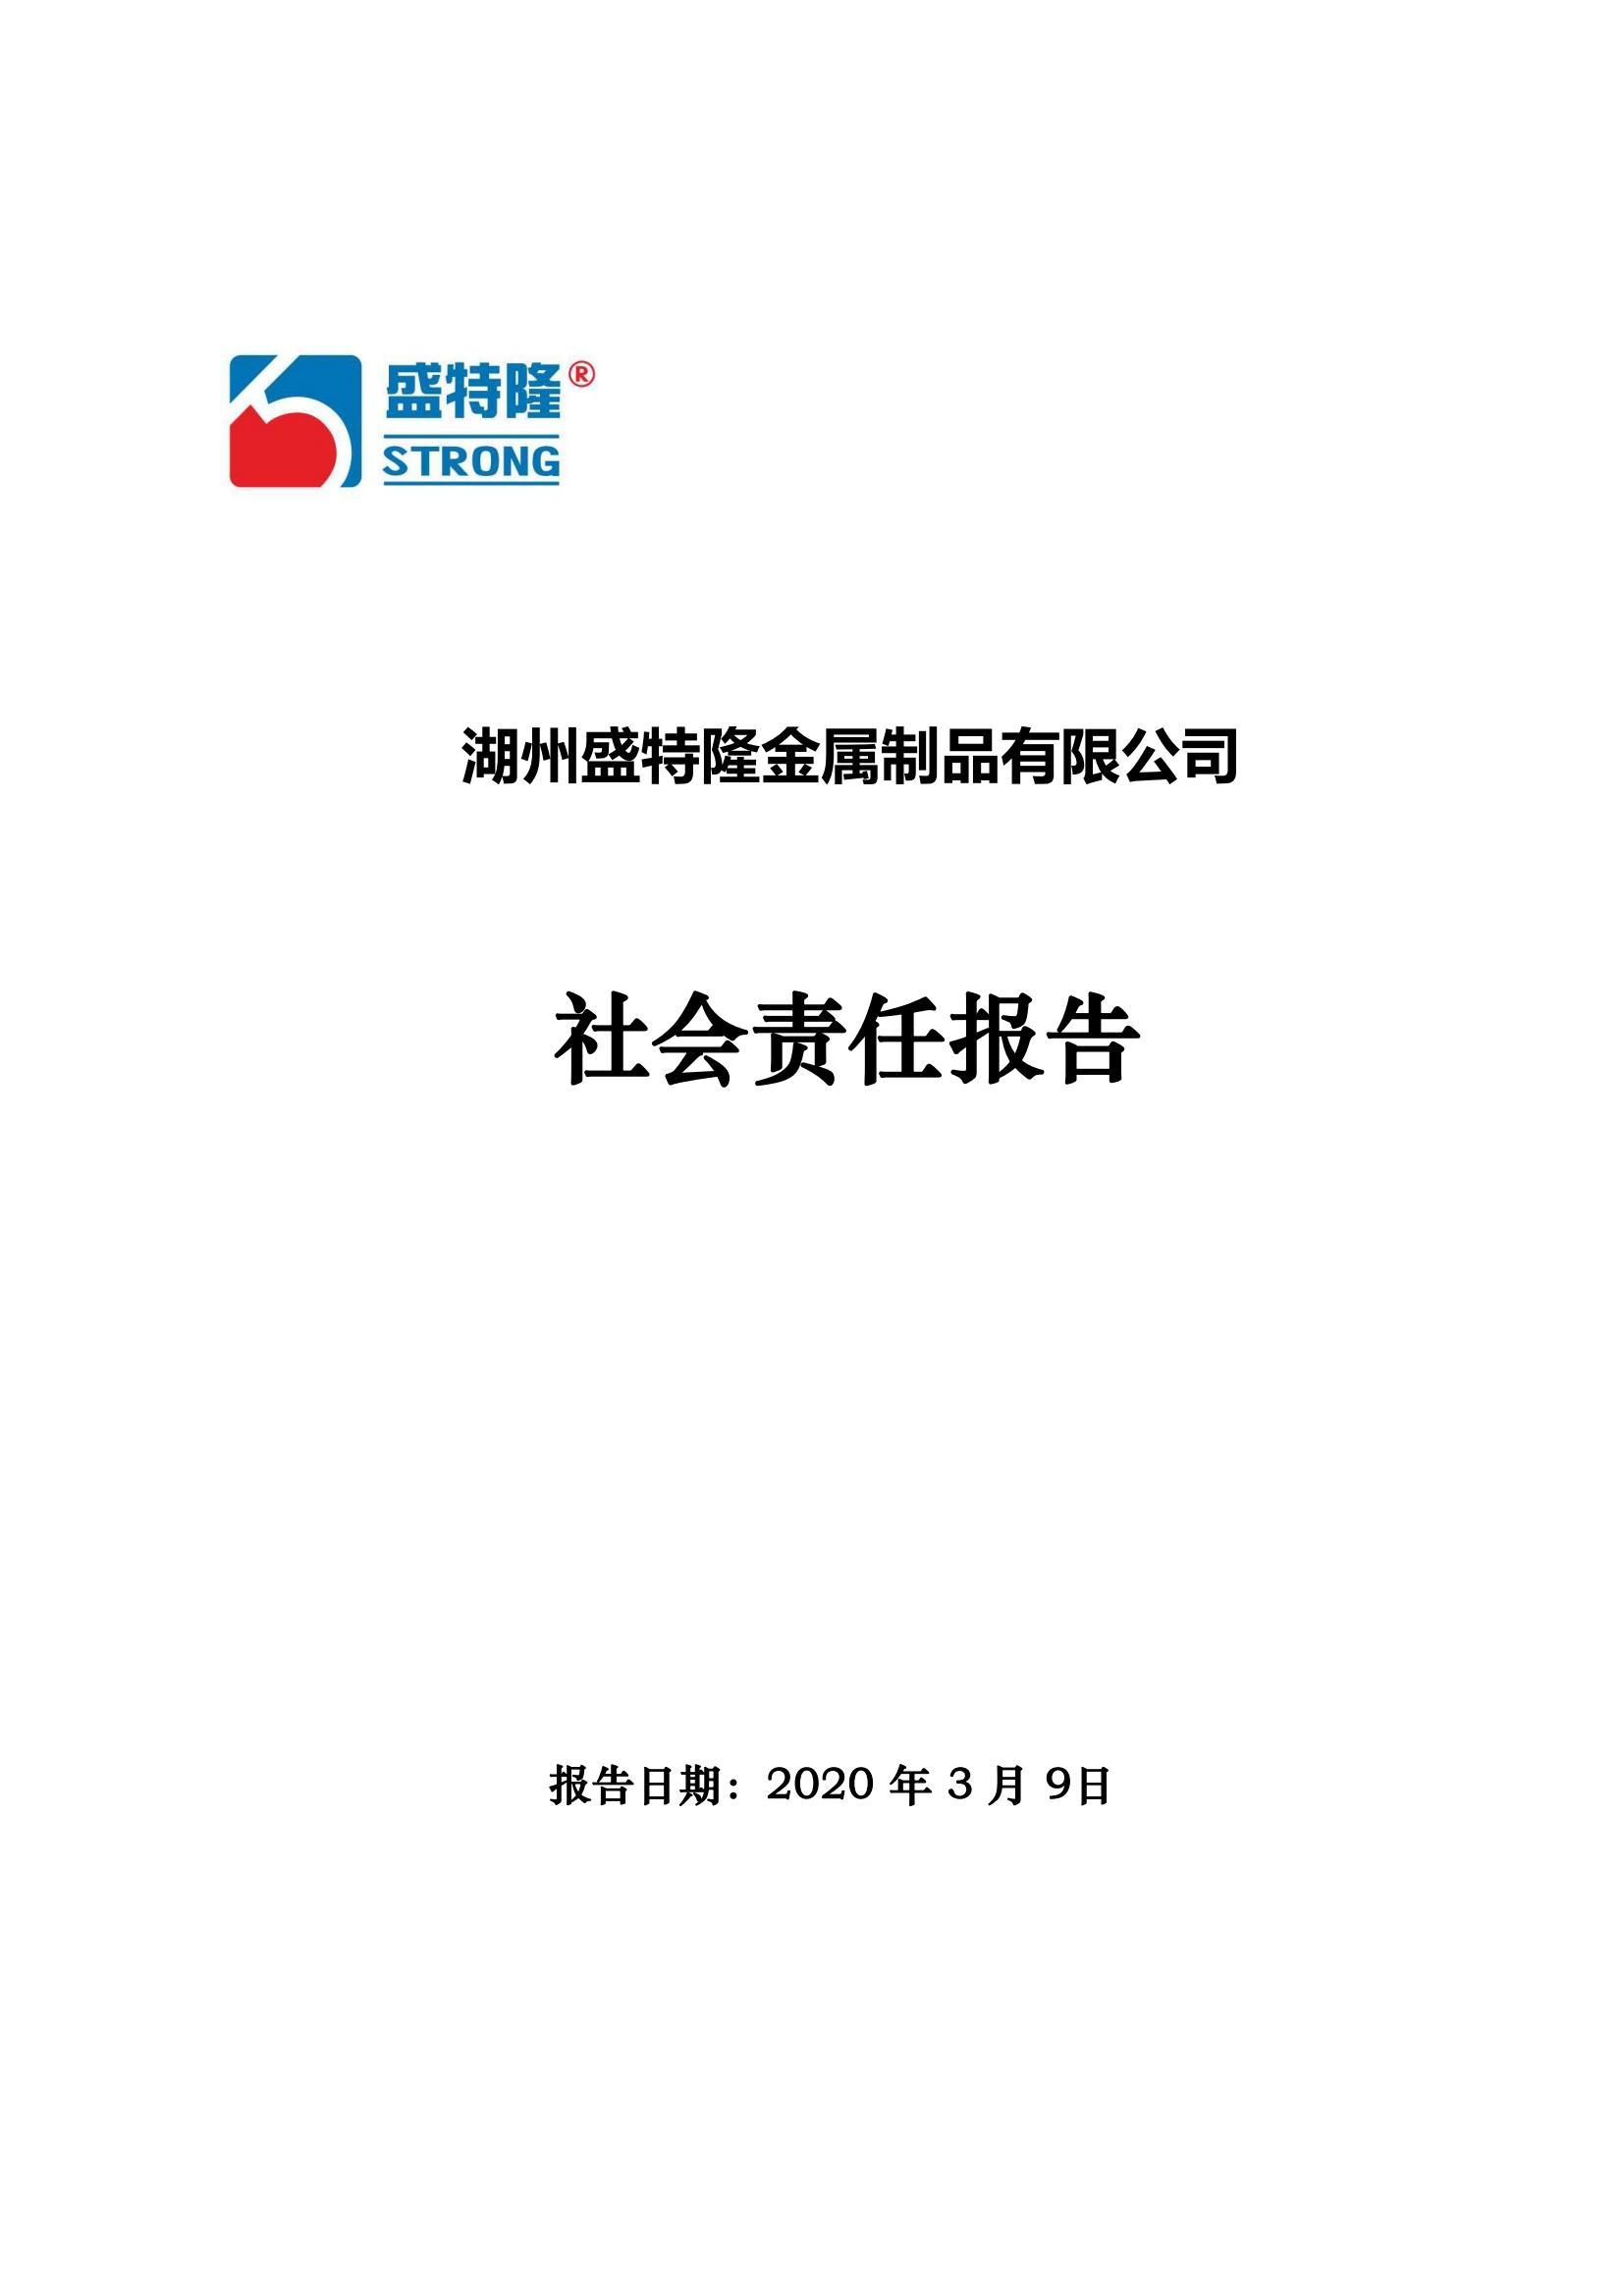 2020年盛特隆社会责任报告_00